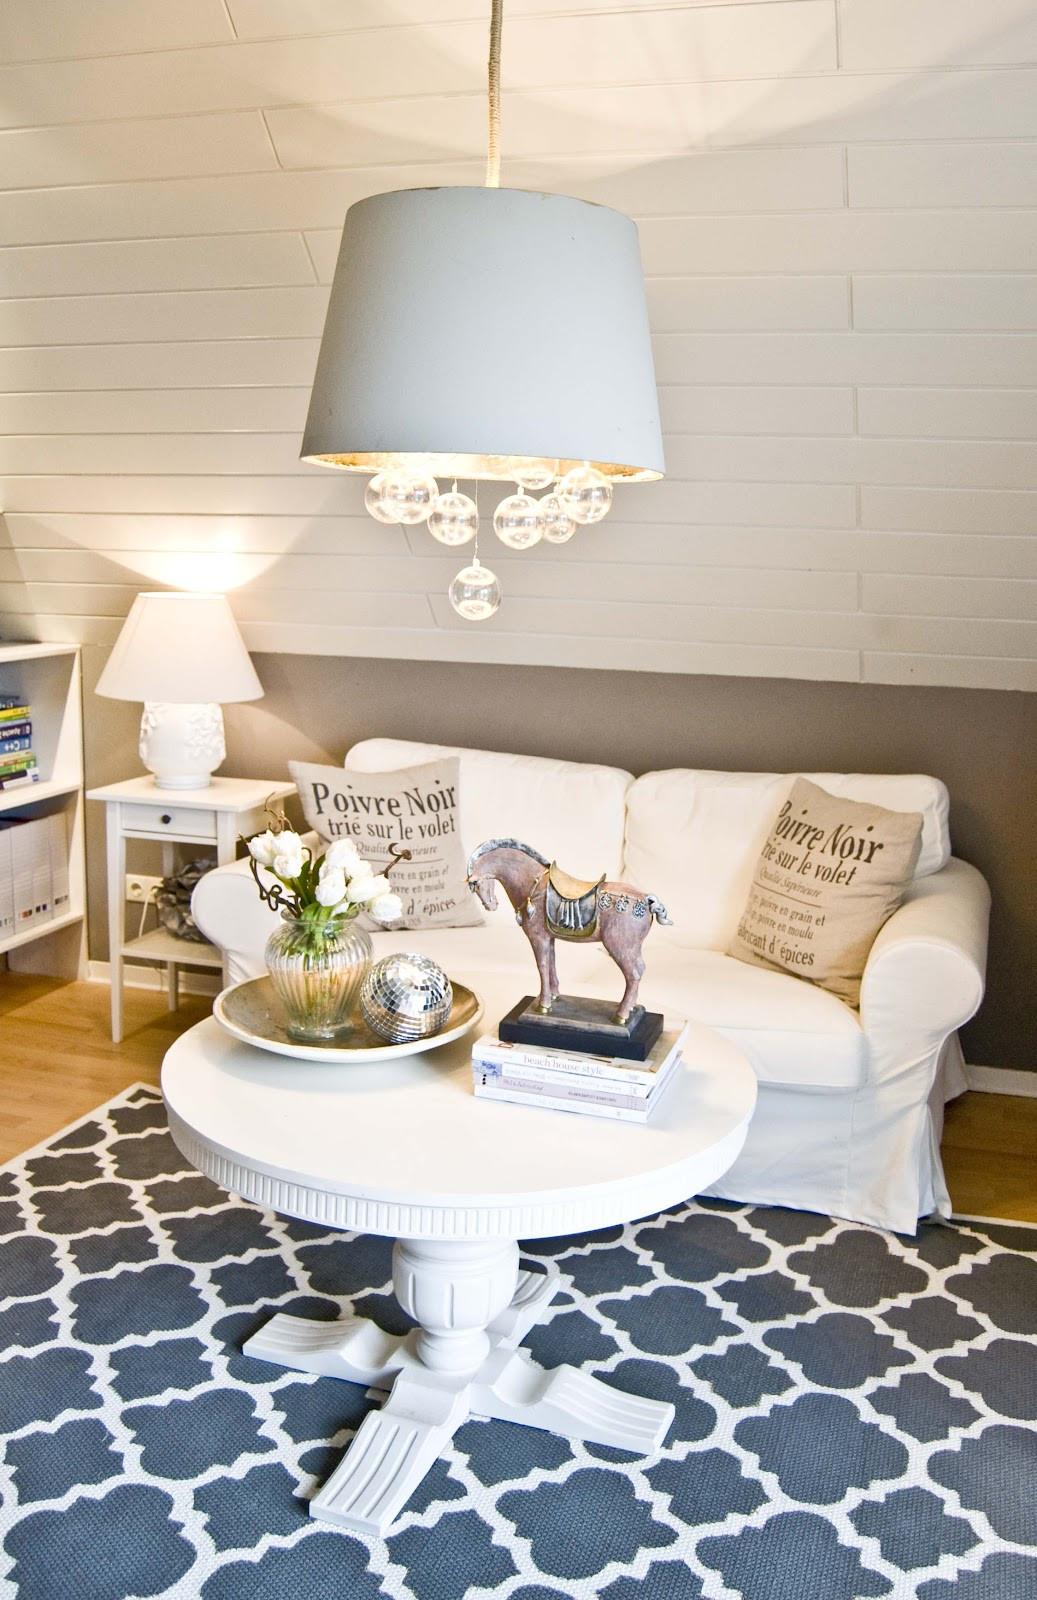 Best ideas about DIY Home Decor Blogs . Save or Pin DIY 10 ideias simples para mudar a decor da sua casa Now.